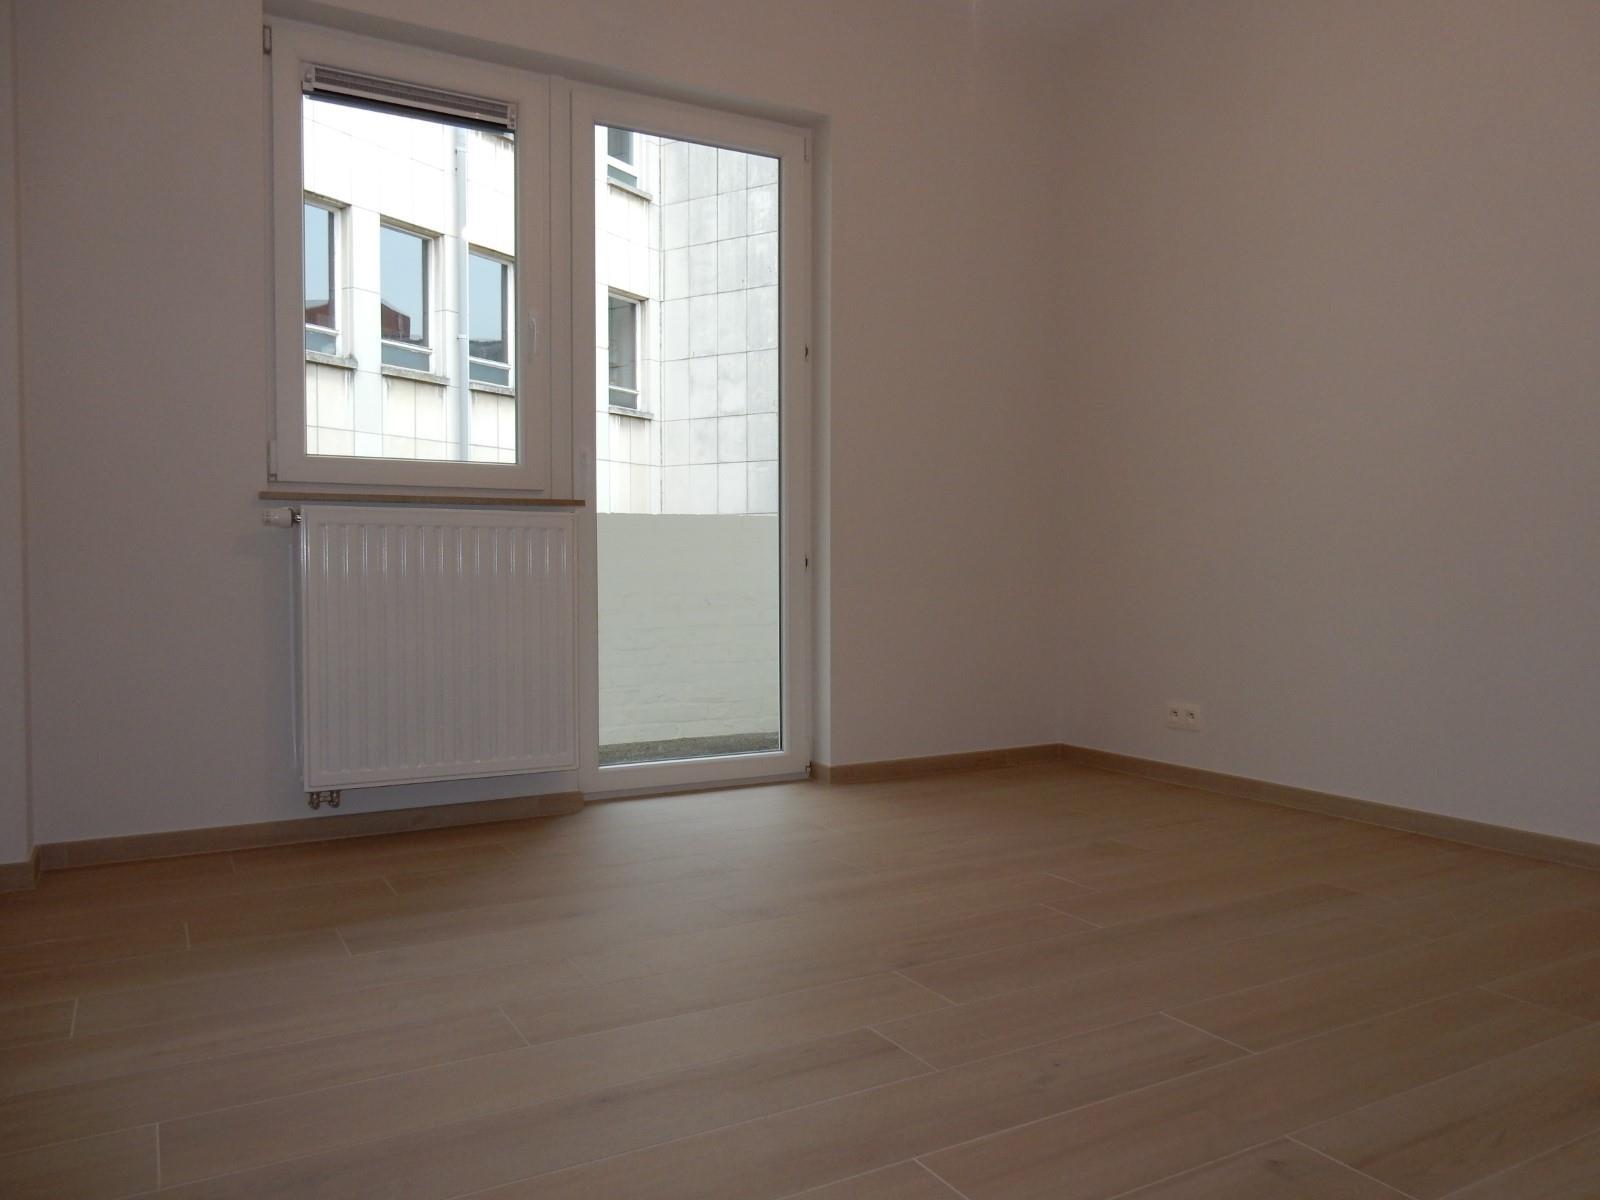 Flat - Schaerbeek - #4199444-10